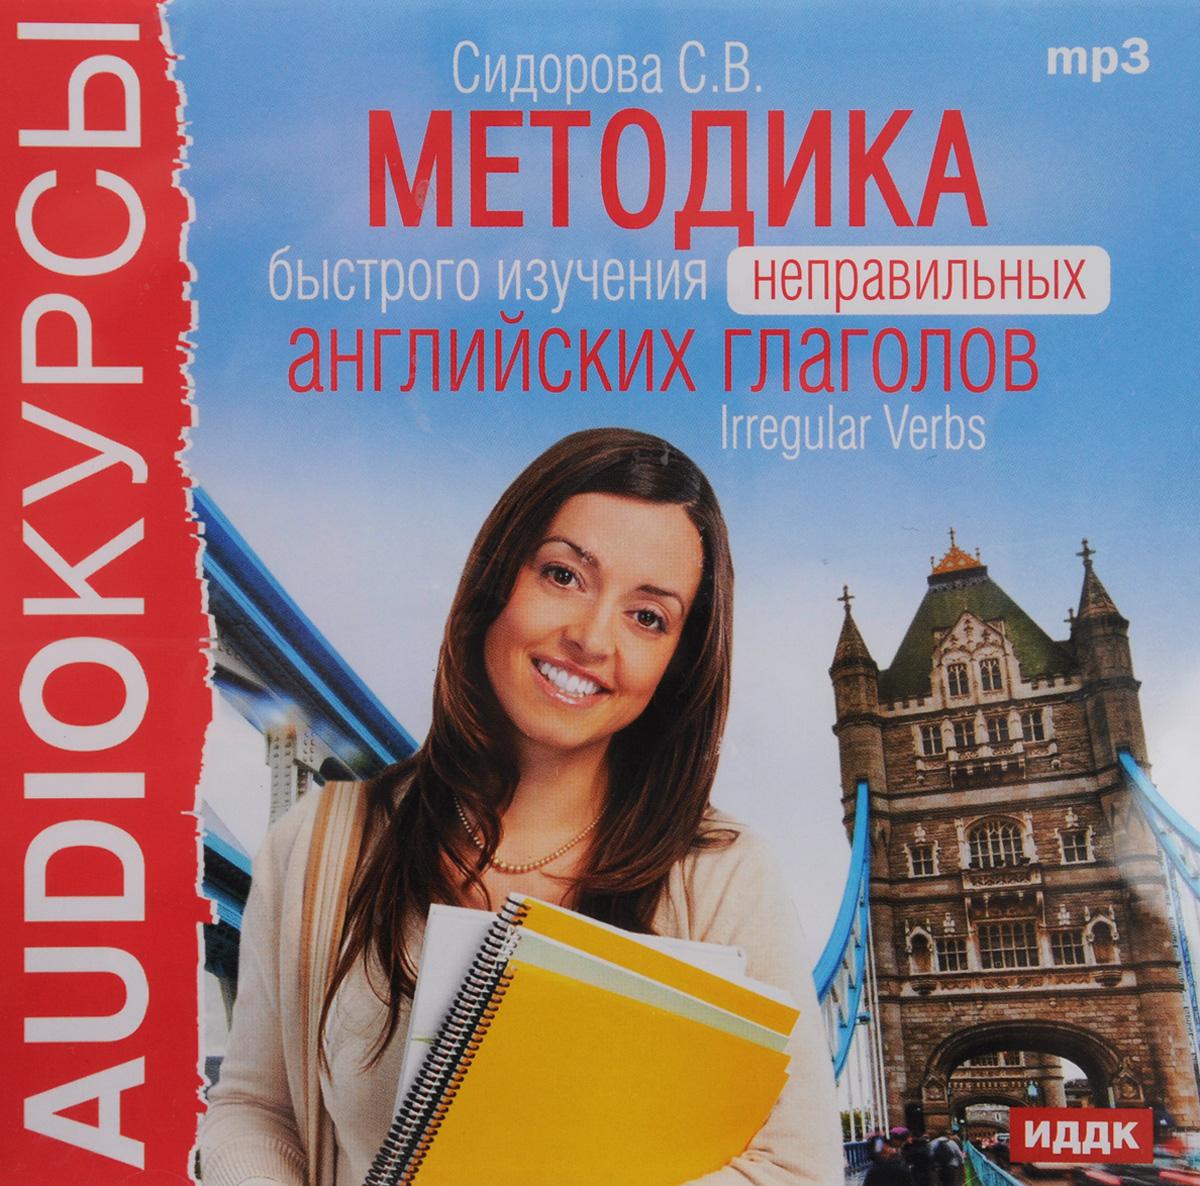 Методика быстрого изучения неправильных английских глаголов (аудиокнига MP3)